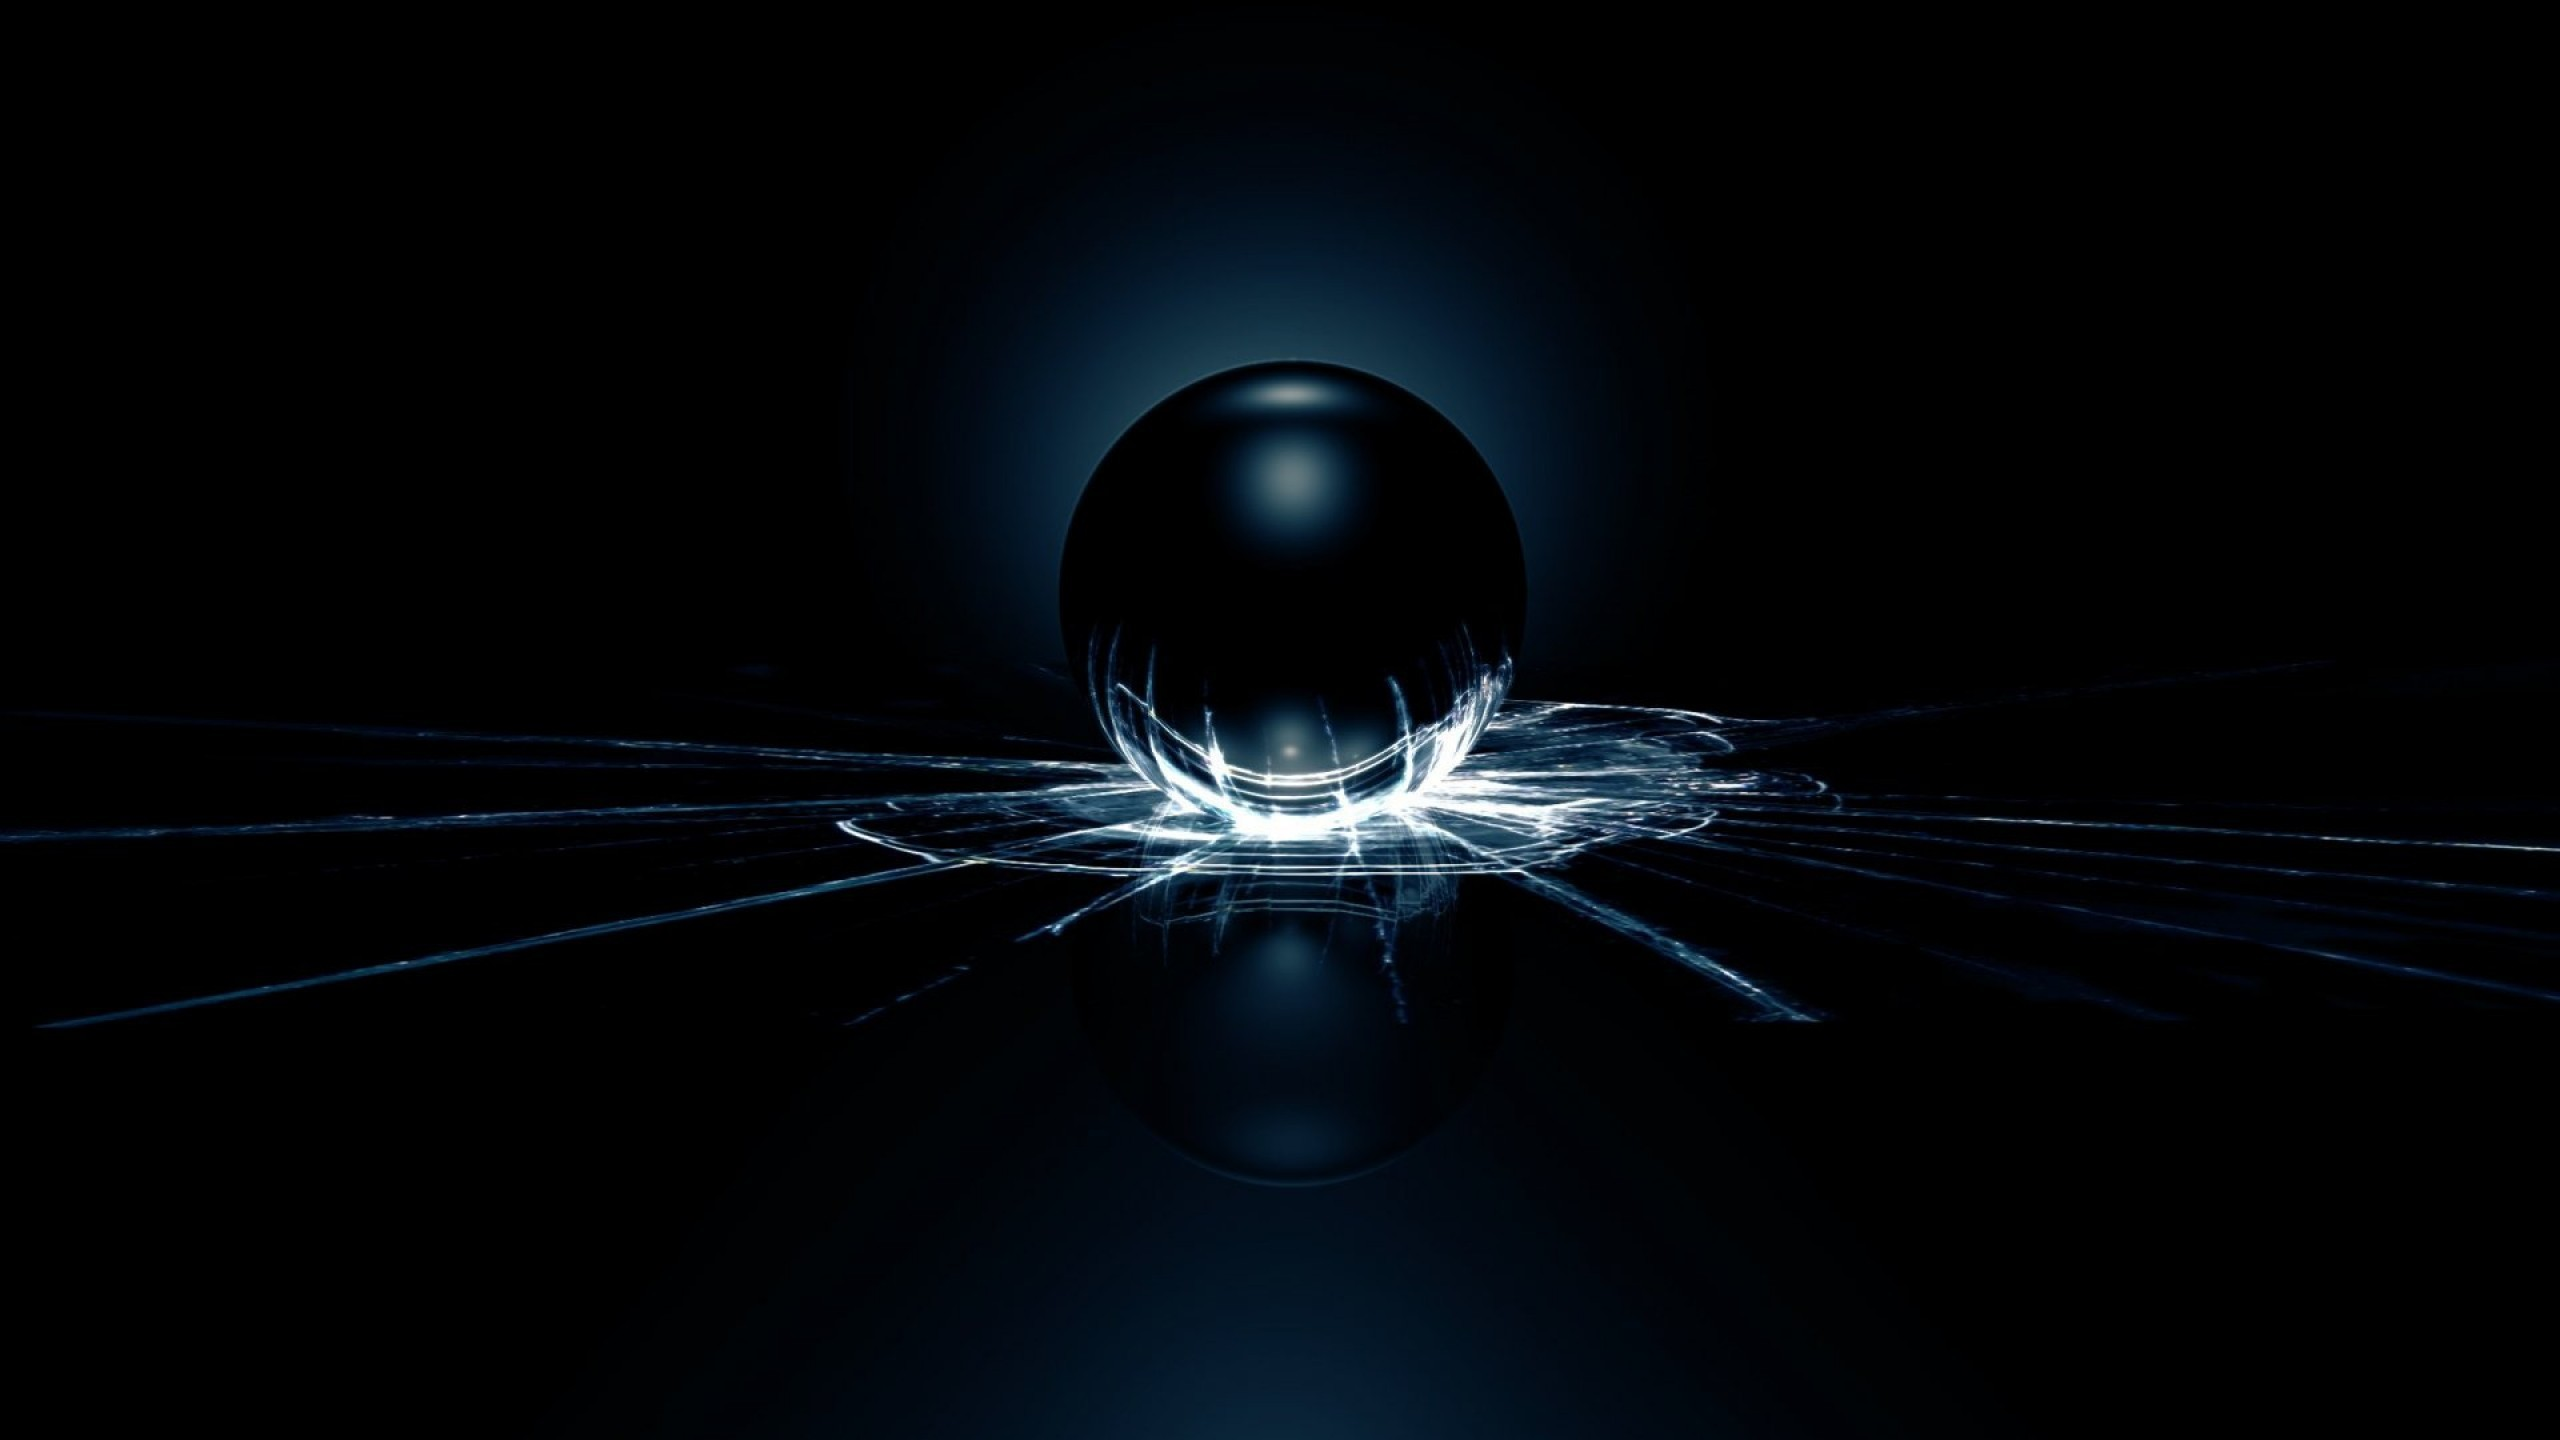 download broken glass 2560x1440 - photo #26